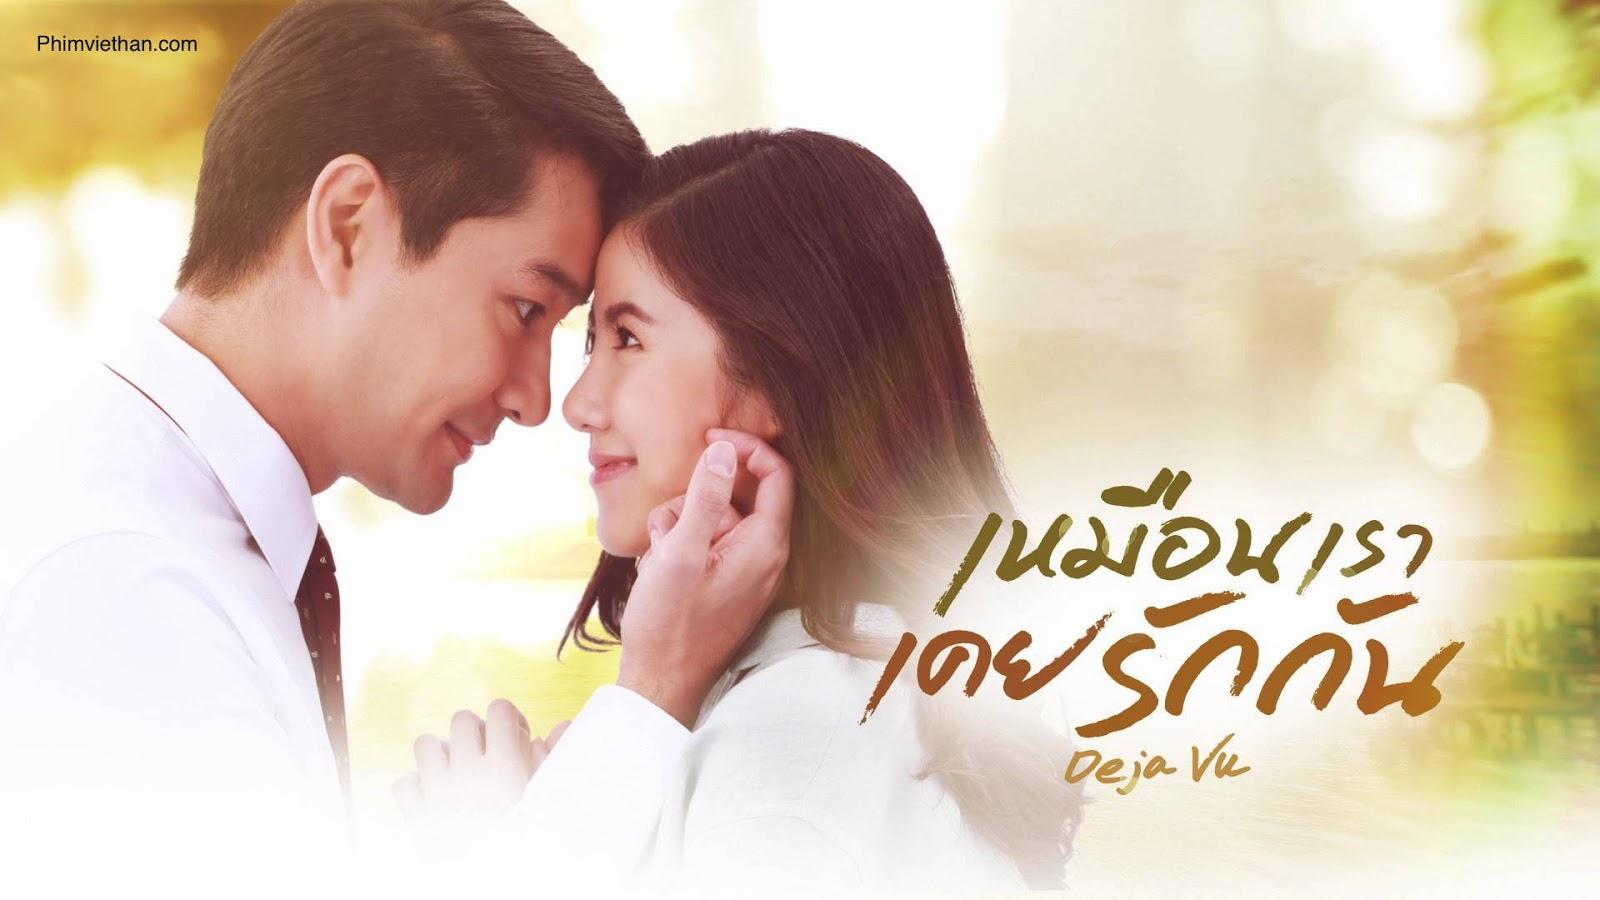 Phim trở về ngày yêu ấy poster 2020